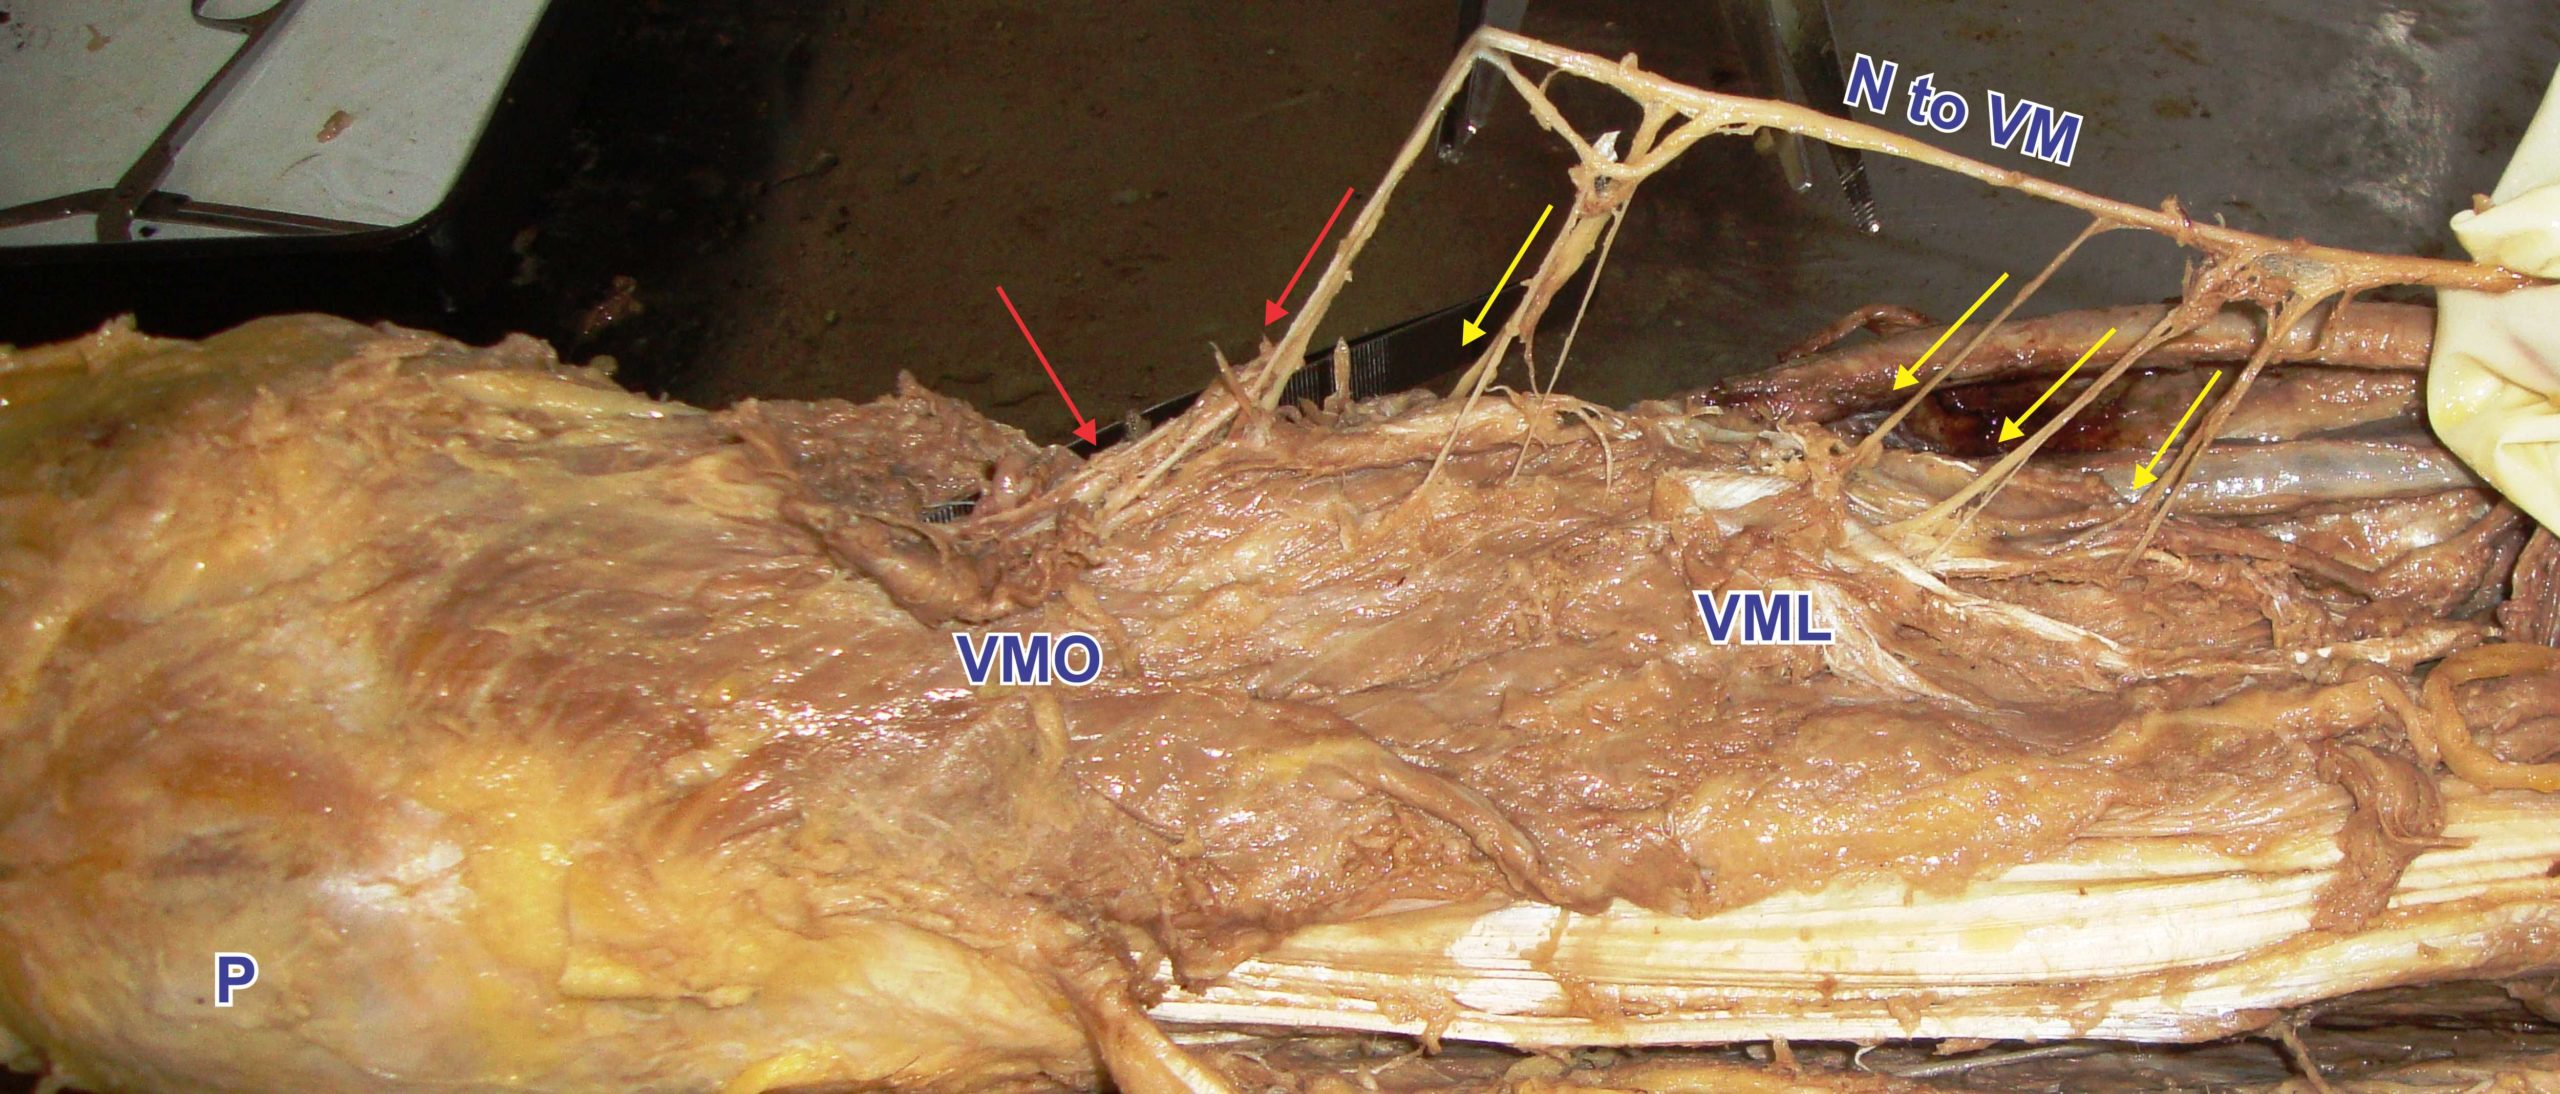 Muscoli nei muscoli: analisi del vasto mediale lungo e del vasto mediale obliquo